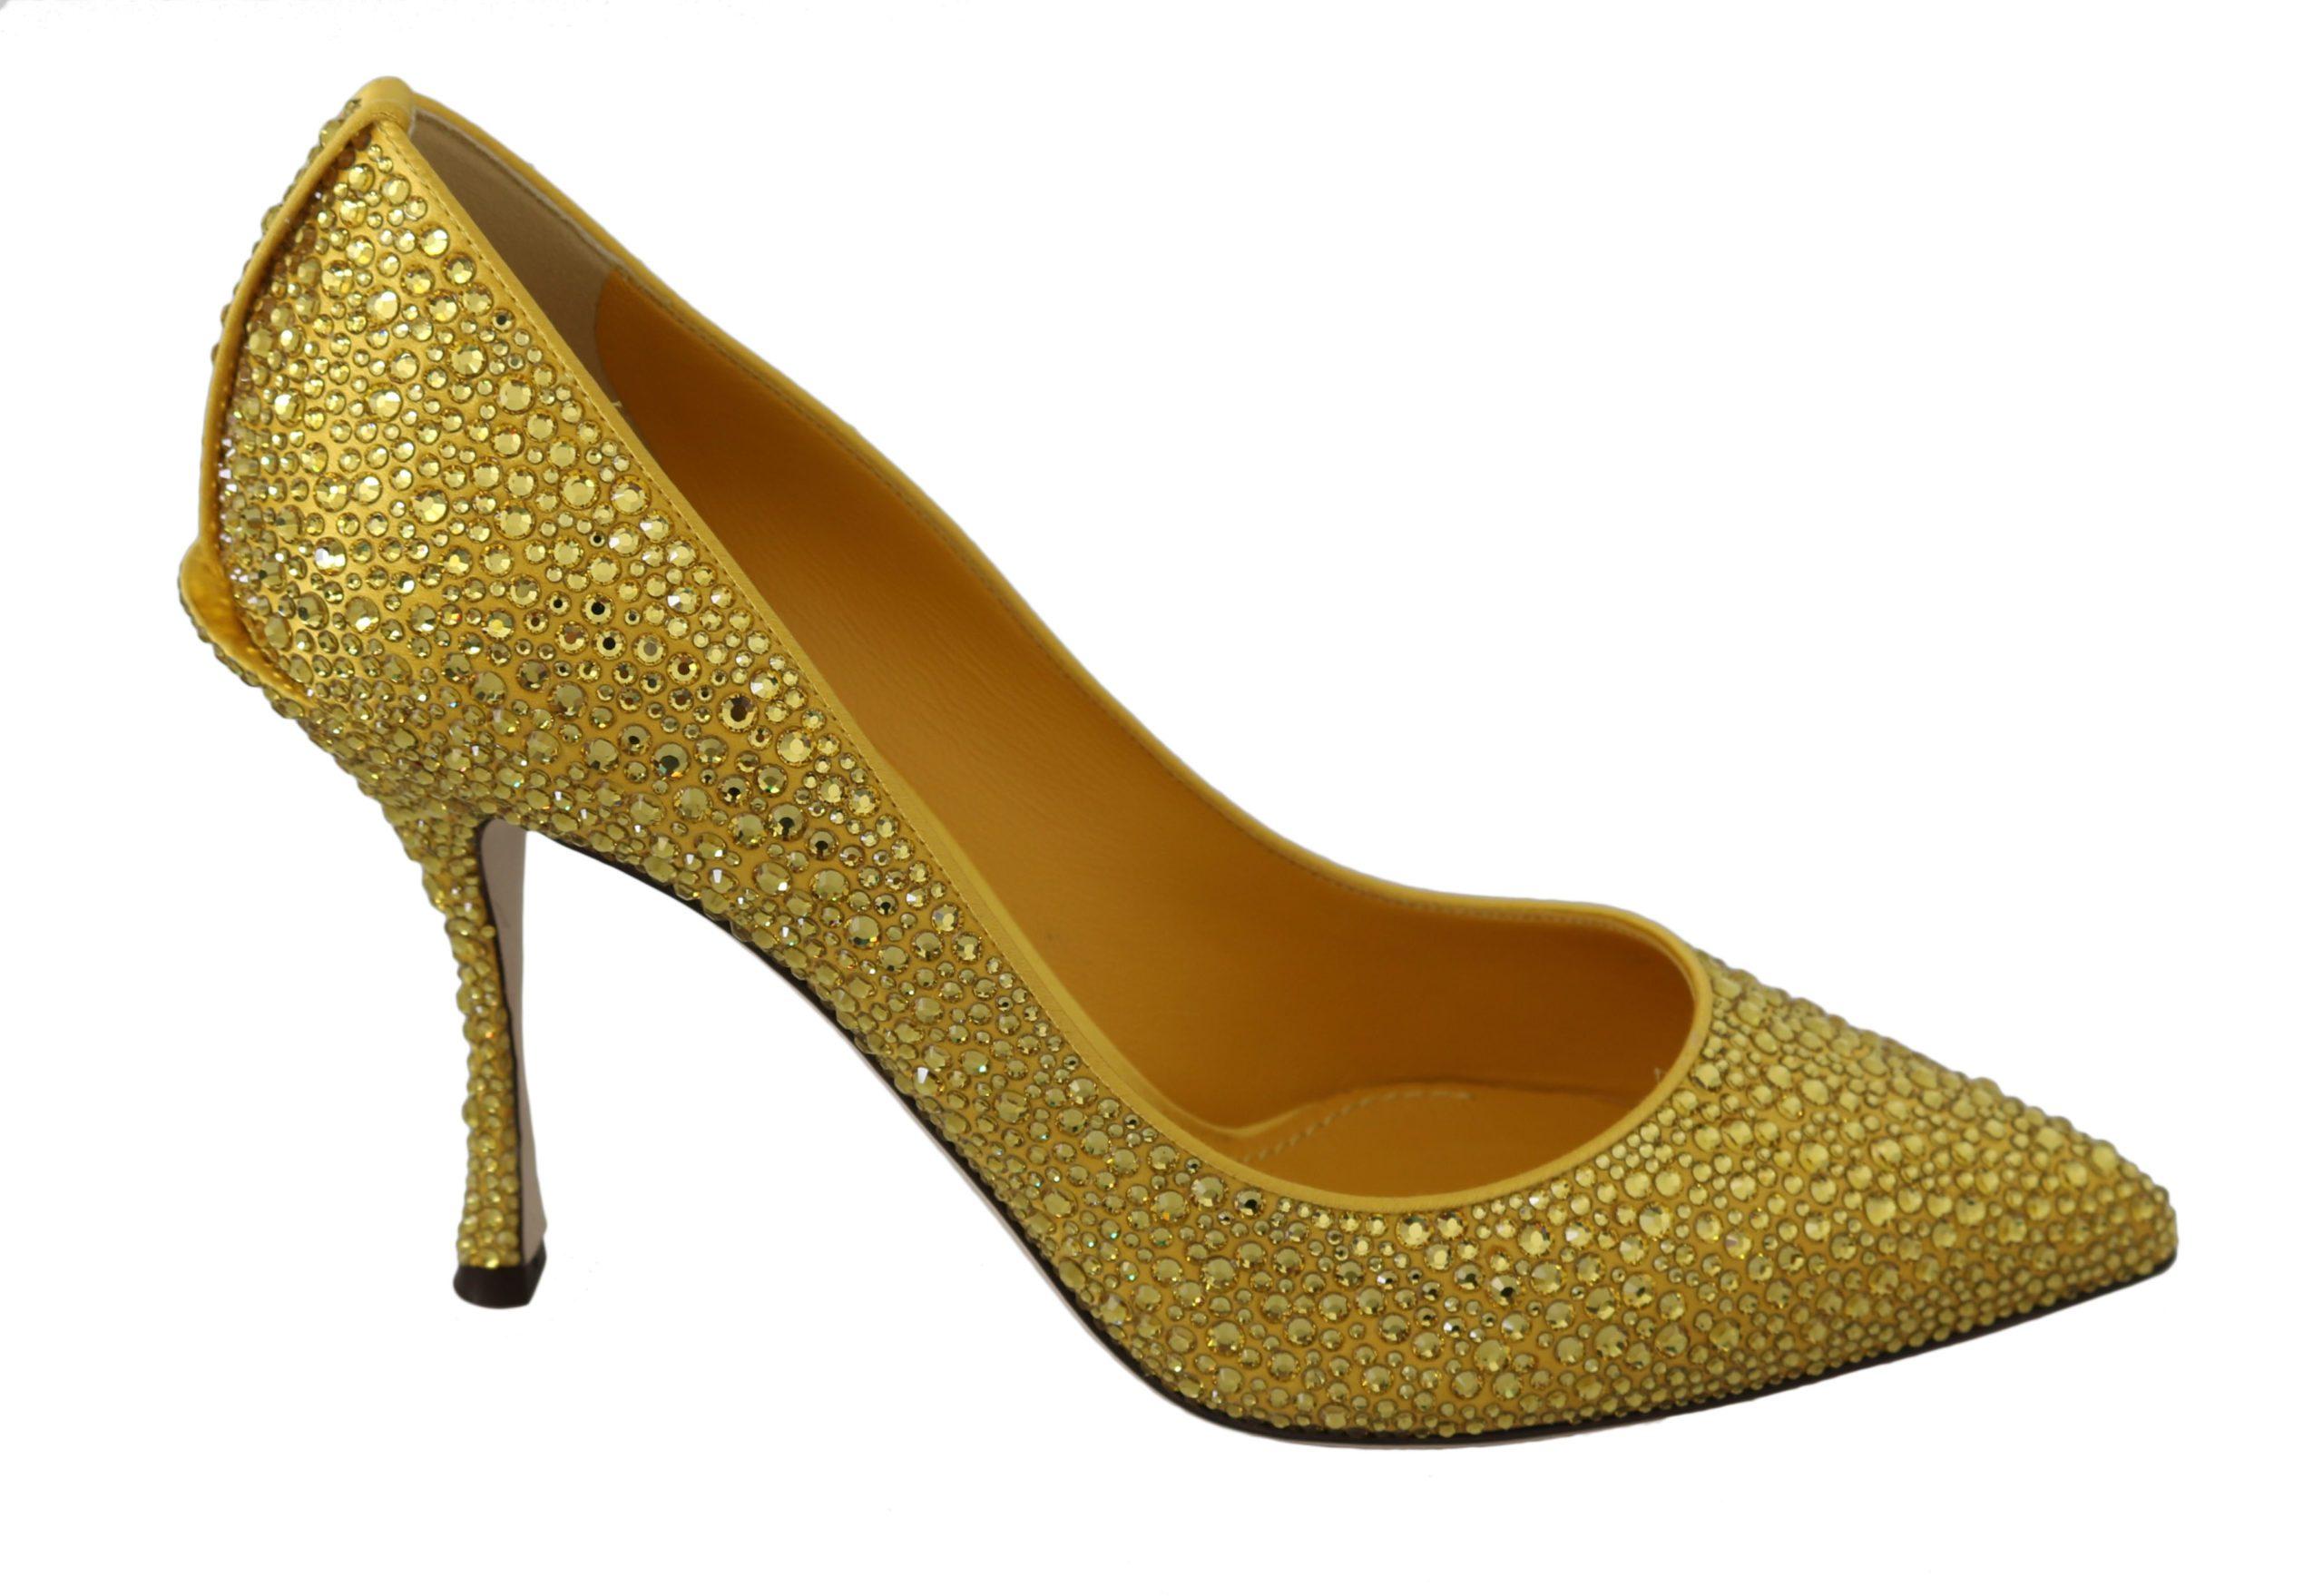 Dolce & Gabbana Women's Crystals High Pumps Yellow LA7458 - EU40/US9.5